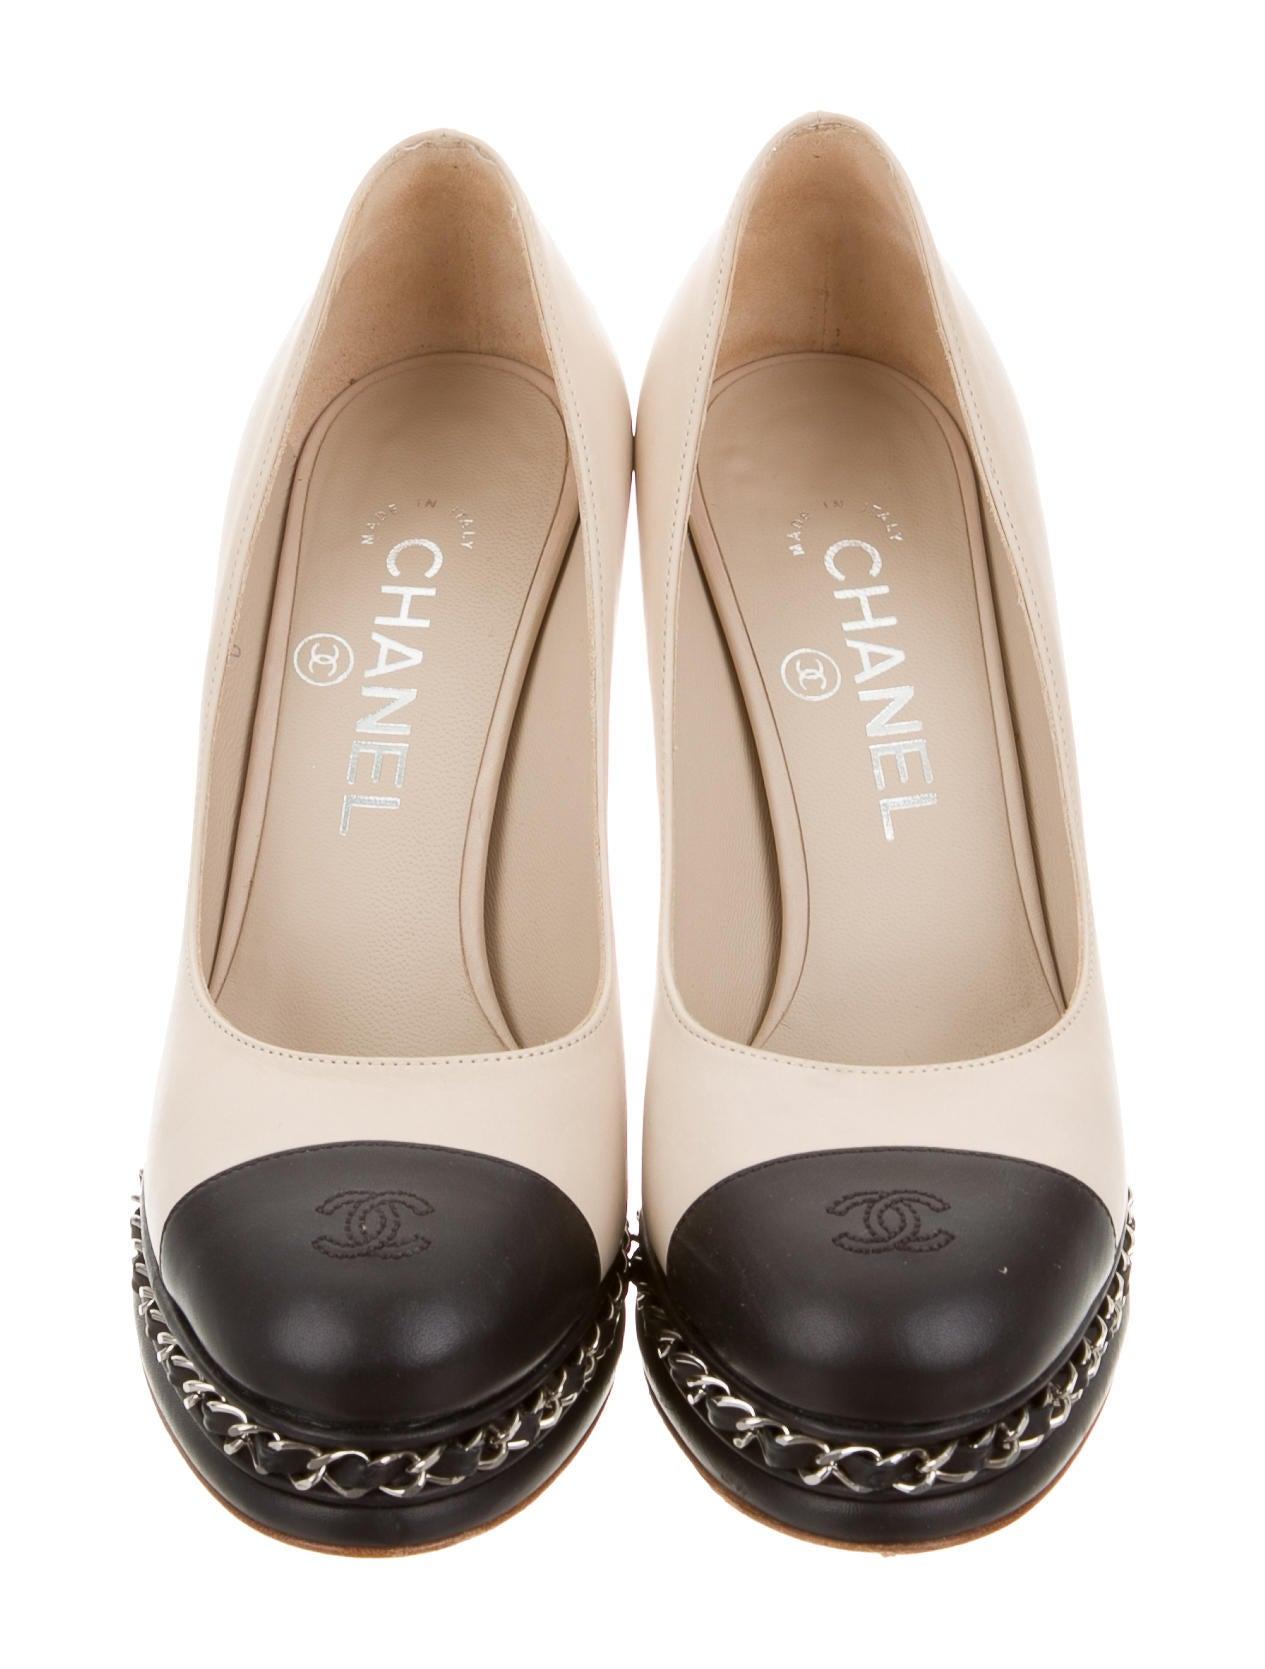 0174023a3188d Chanel Women s Leather Pumps